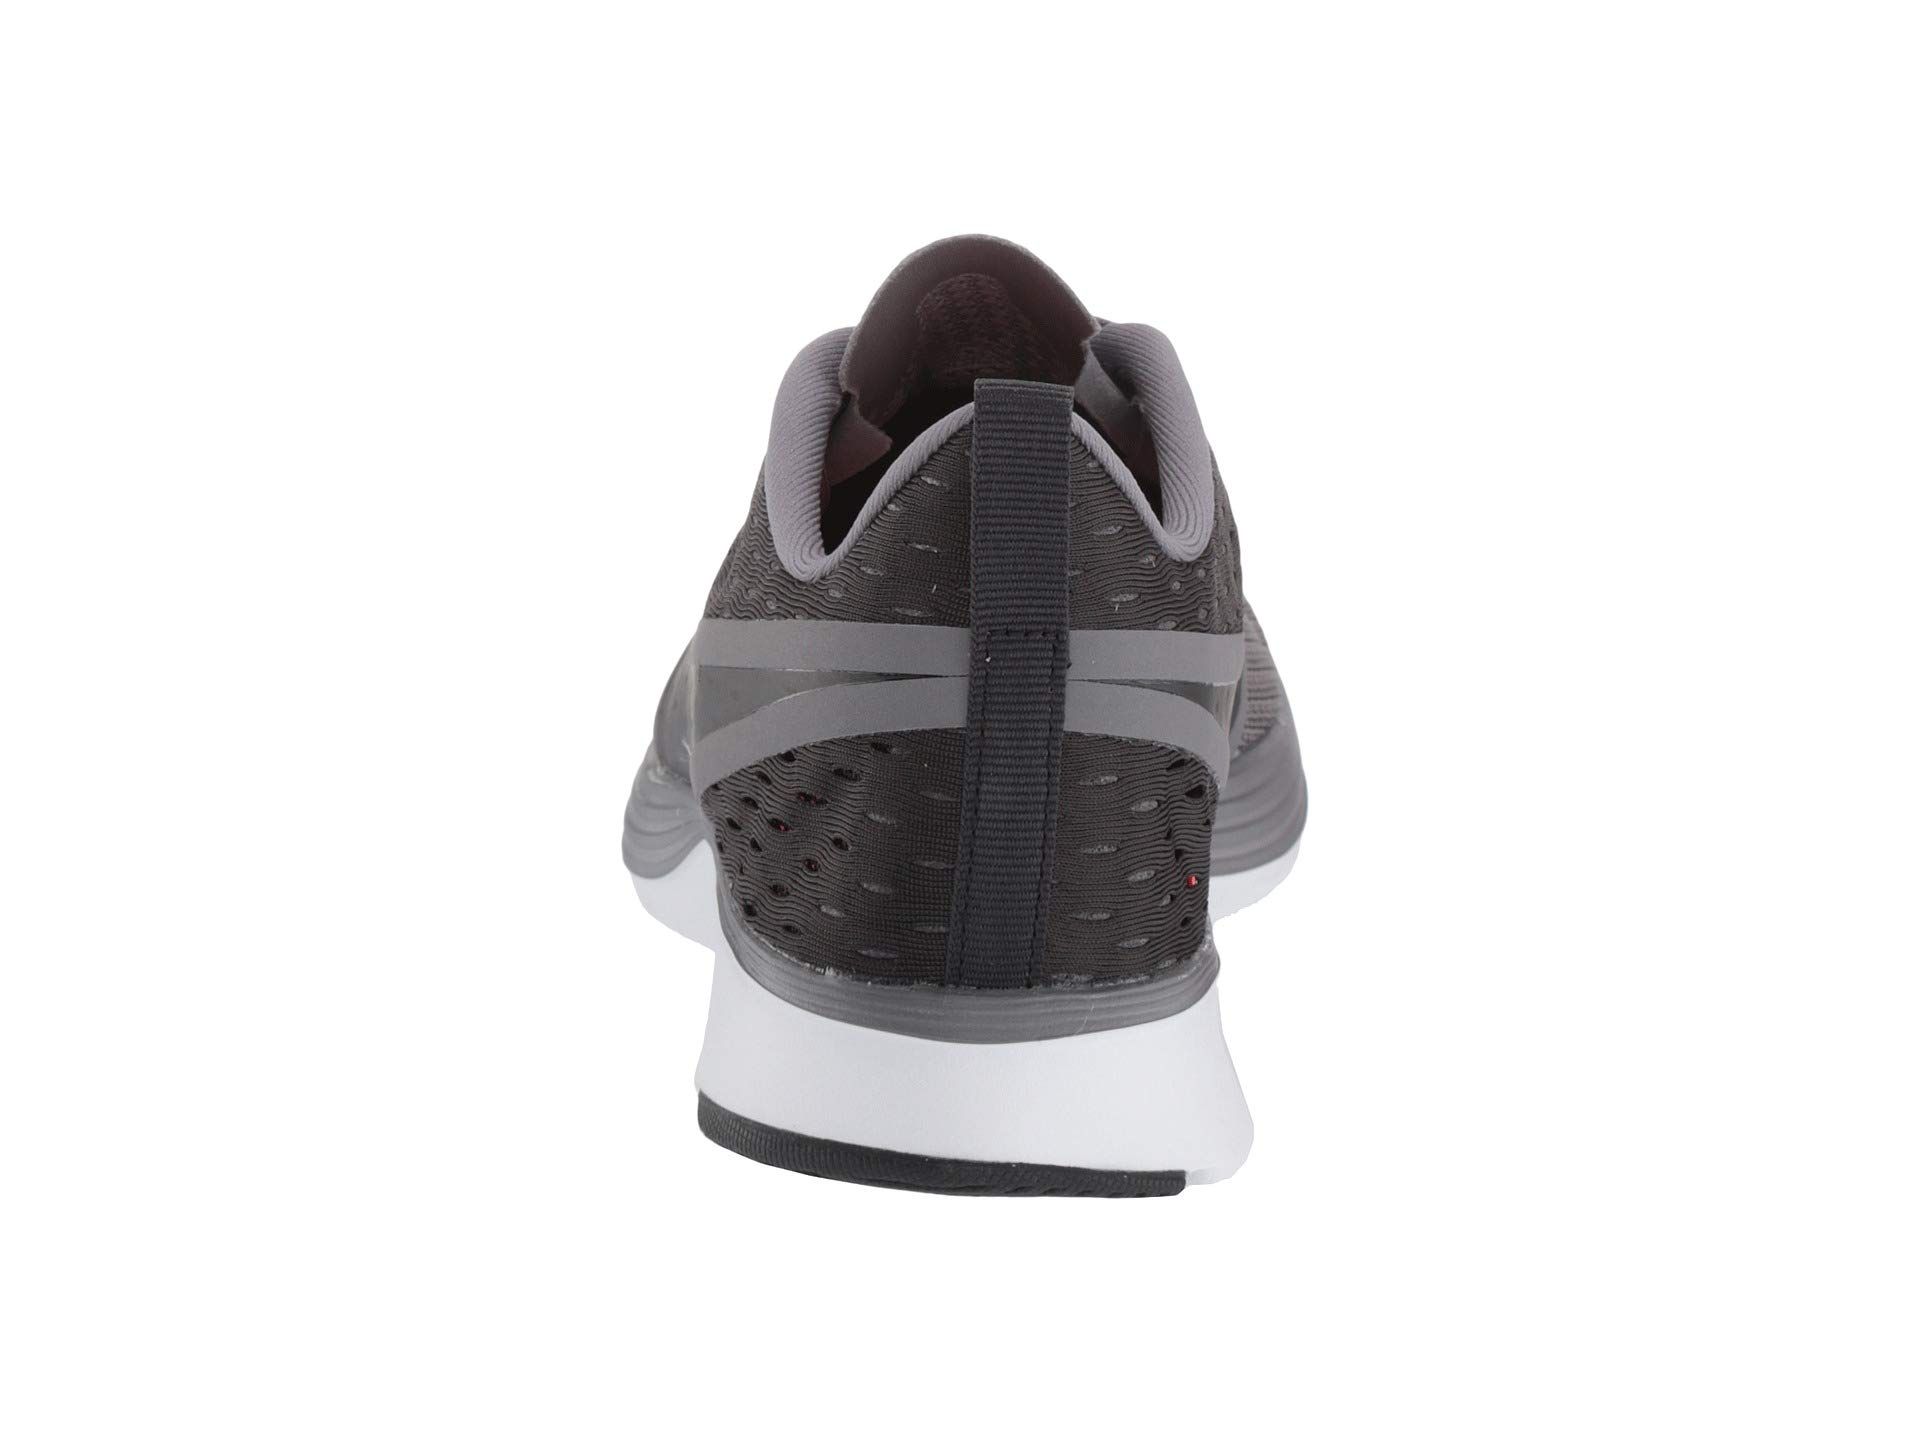 83ec2b9c7ead9 Strike Zoom Glow lava oil Gunsmoke white Grey Nike 2 zxwUfzT